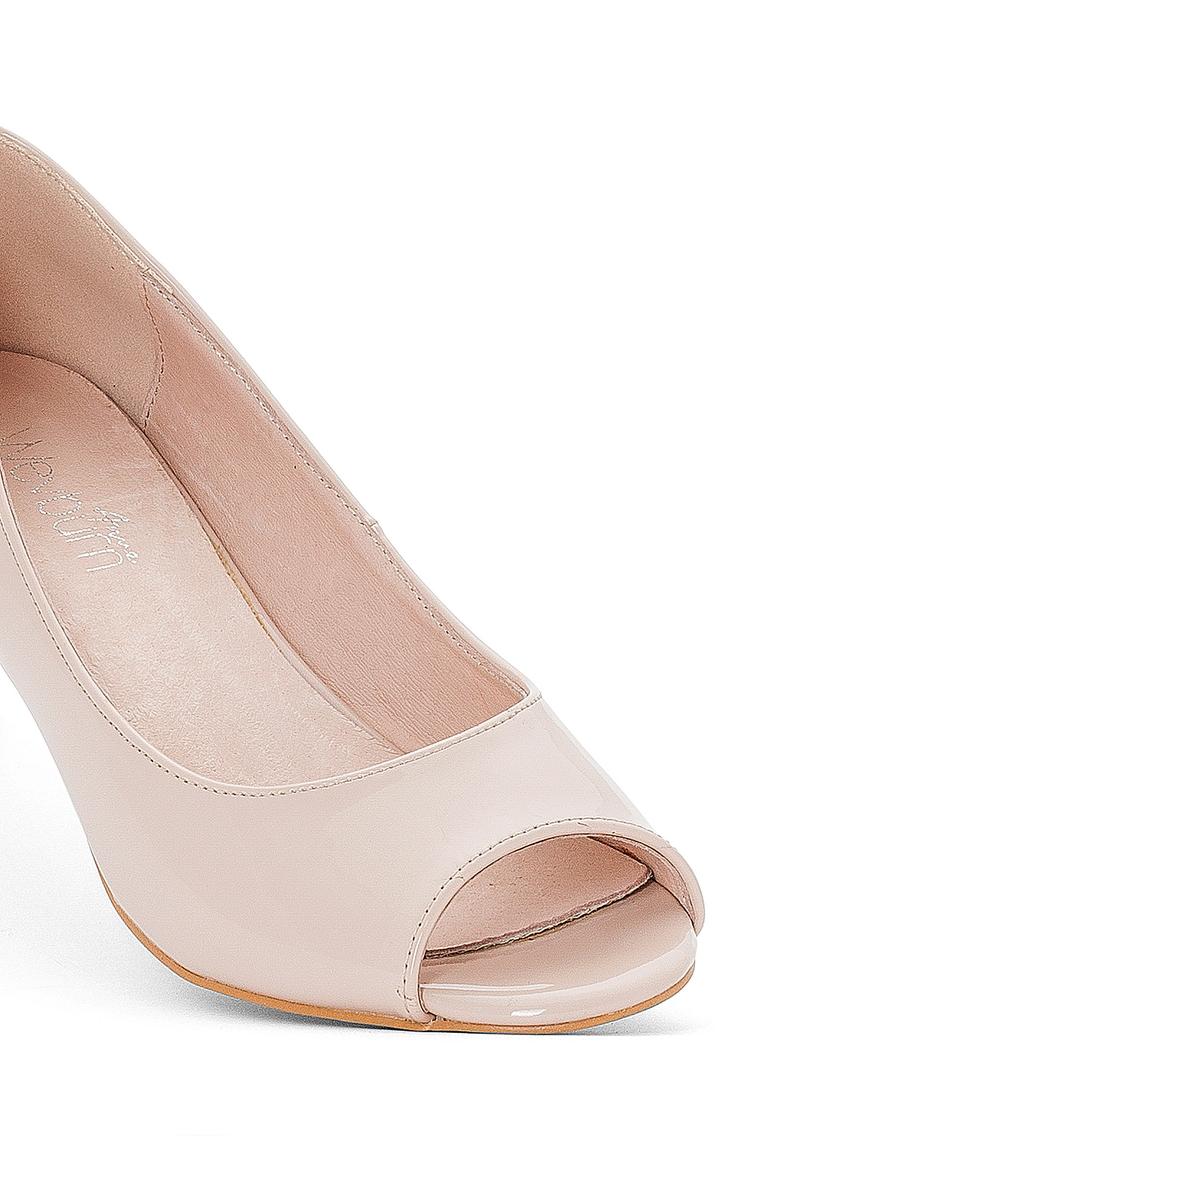 Туфли кожаныеДетали  •  Широкий каблук •  Застежка : без застежки •  Открытый мысокСостав и уход  •  Верх 100% кожа<br><br>Цвет: серый,телесный<br>Размер: 36.37.35.41